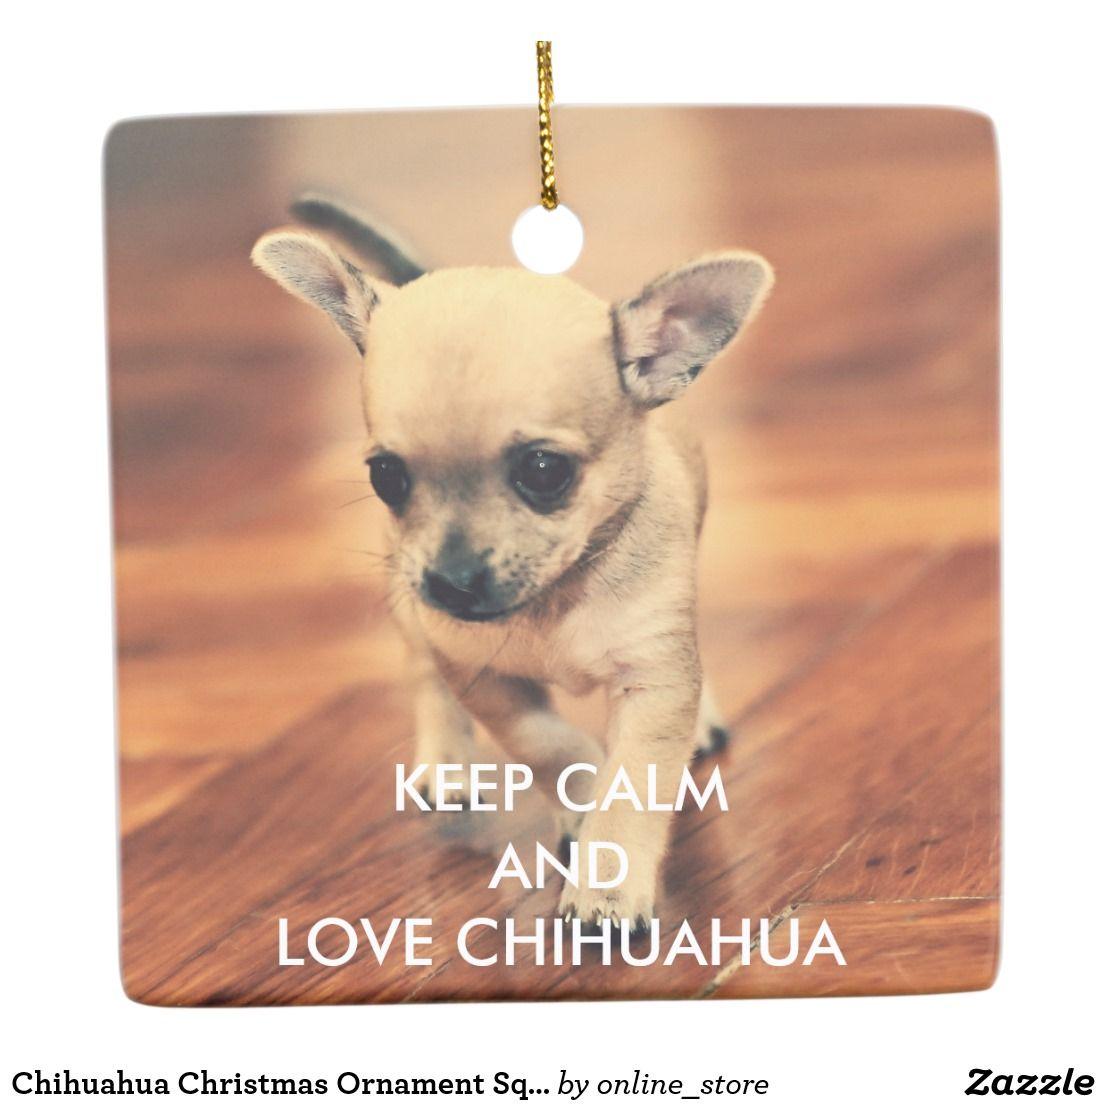 Chihuahua Christmas Ornament Square Add Photo Zazzle Com